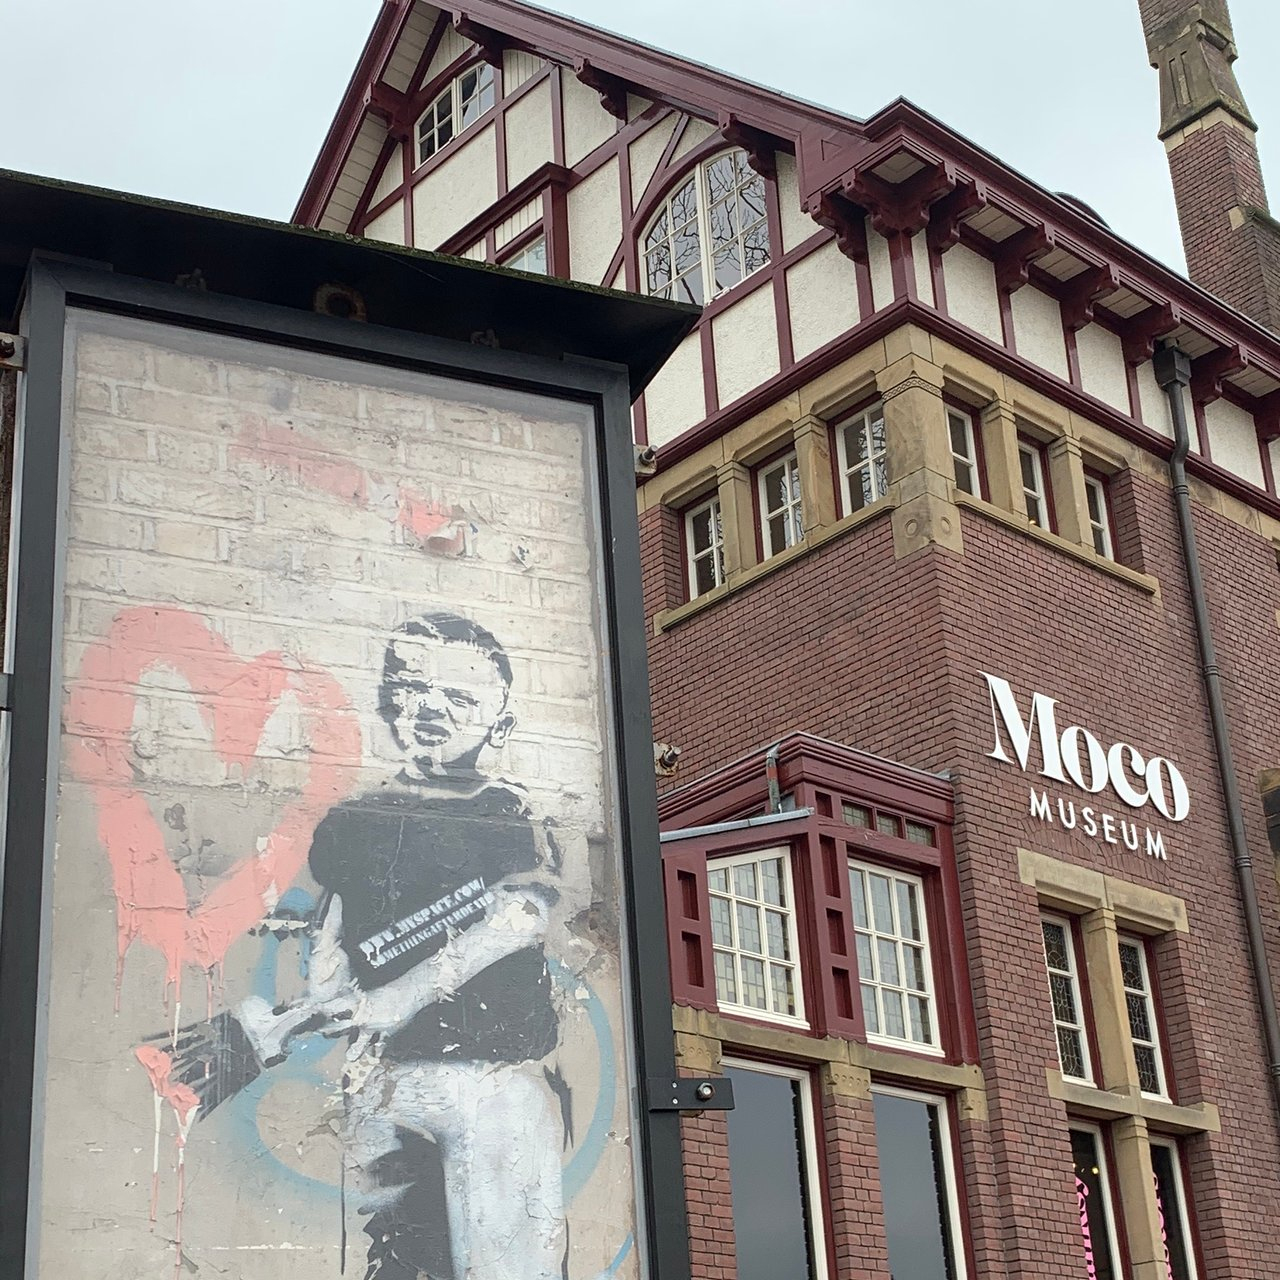 Moco Museum - Amsterdam - Moco Museum Yorumları - Tripadvisor dedans Salon De Jardin Casino